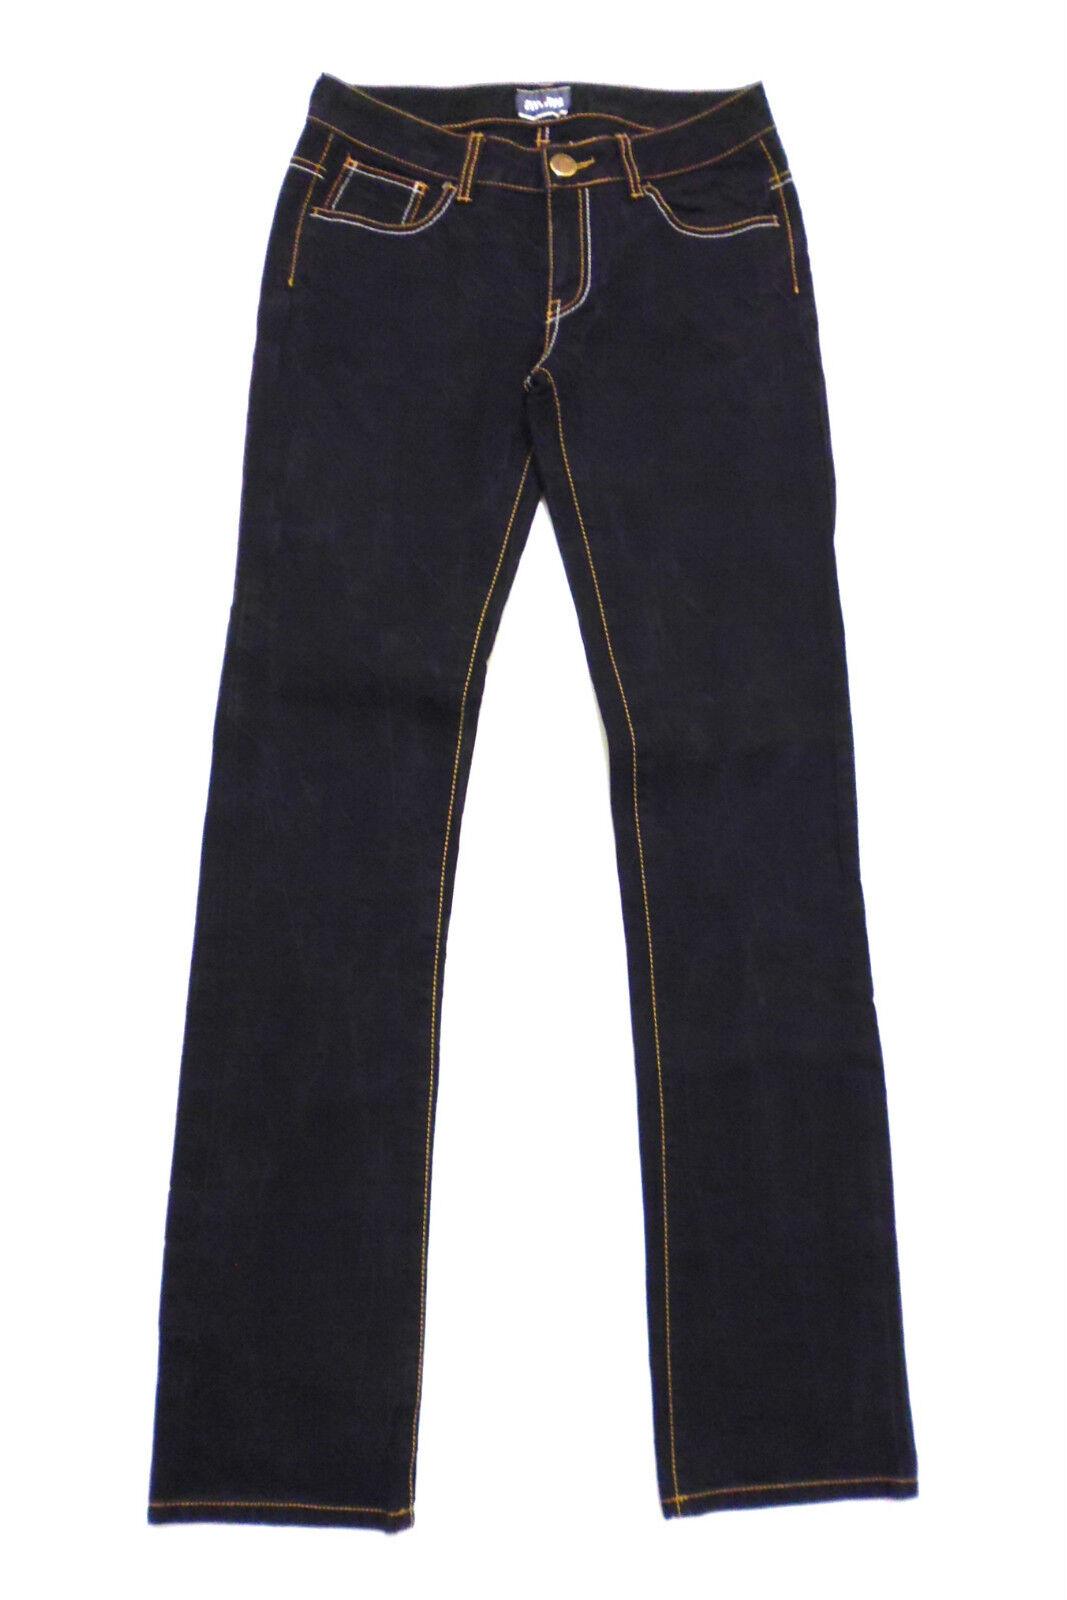 JEAN PAUL GAULTIER PARIS Jeans women Cotone Denim Woman Jeans Pant Sz.M - 44